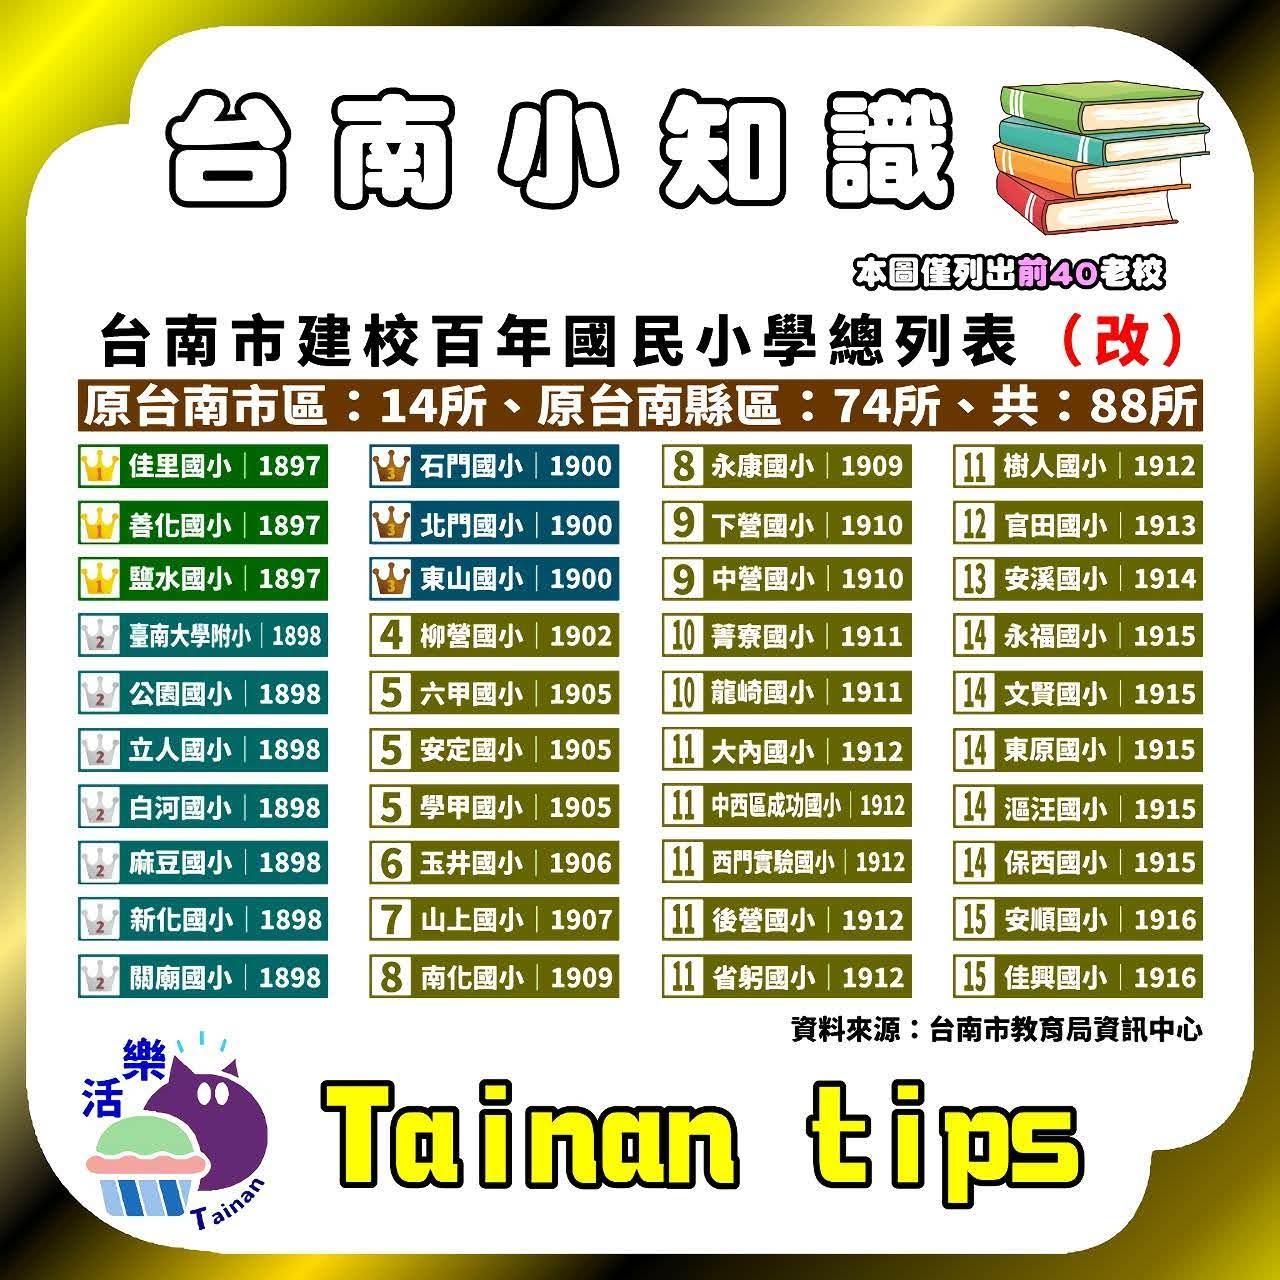 台南的百年小學總列表 台南小知識 2021版